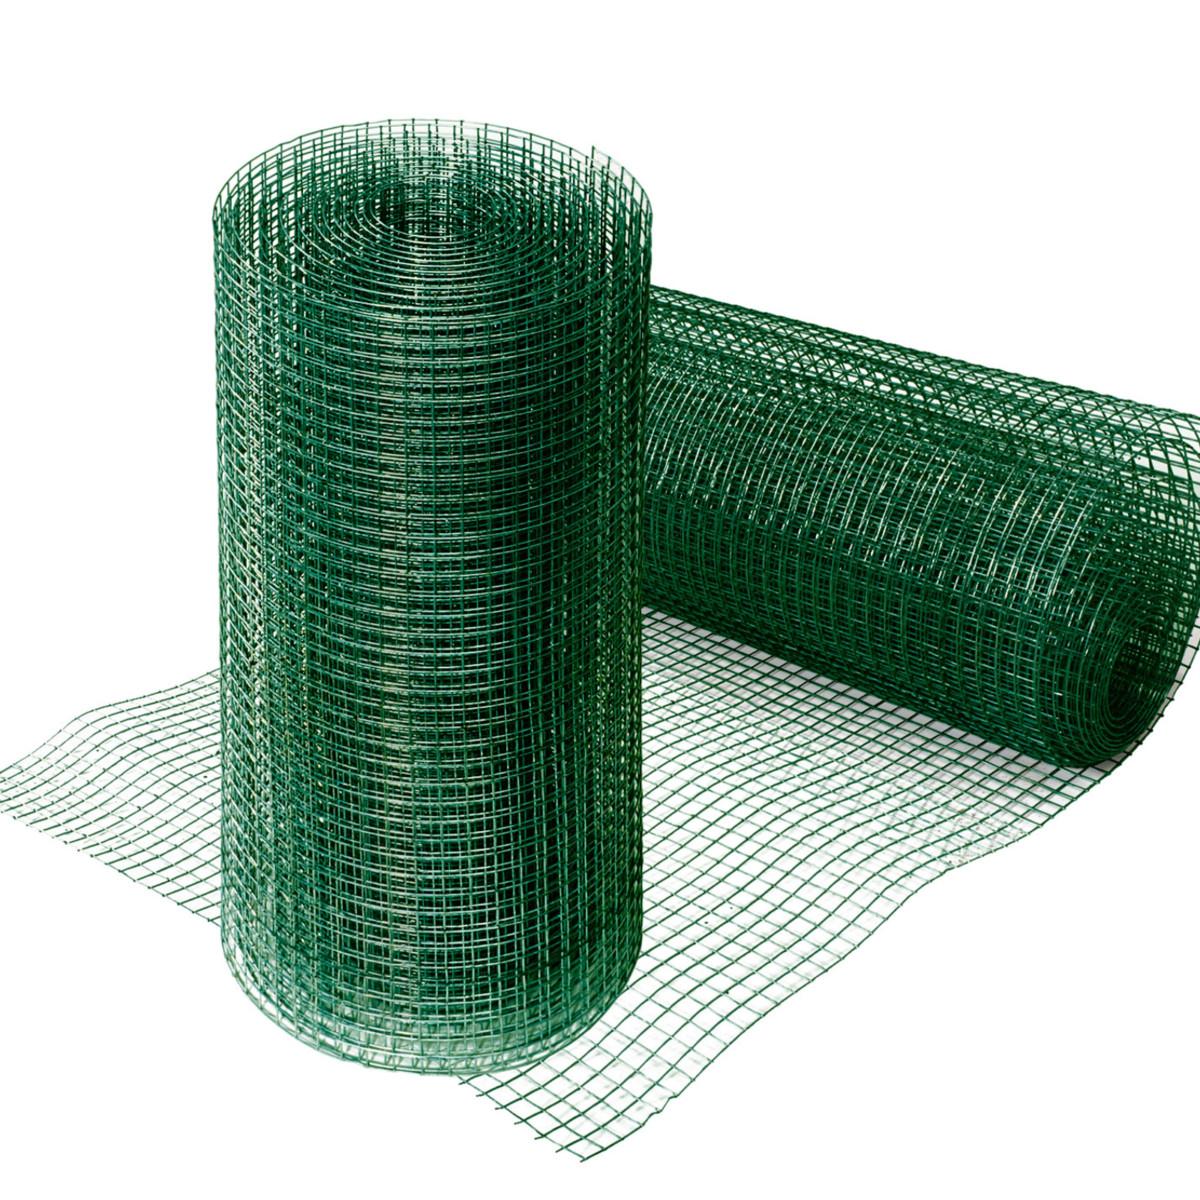 Grillage carré mailles 12,7mm, 4 tailles, clôture volière plastique